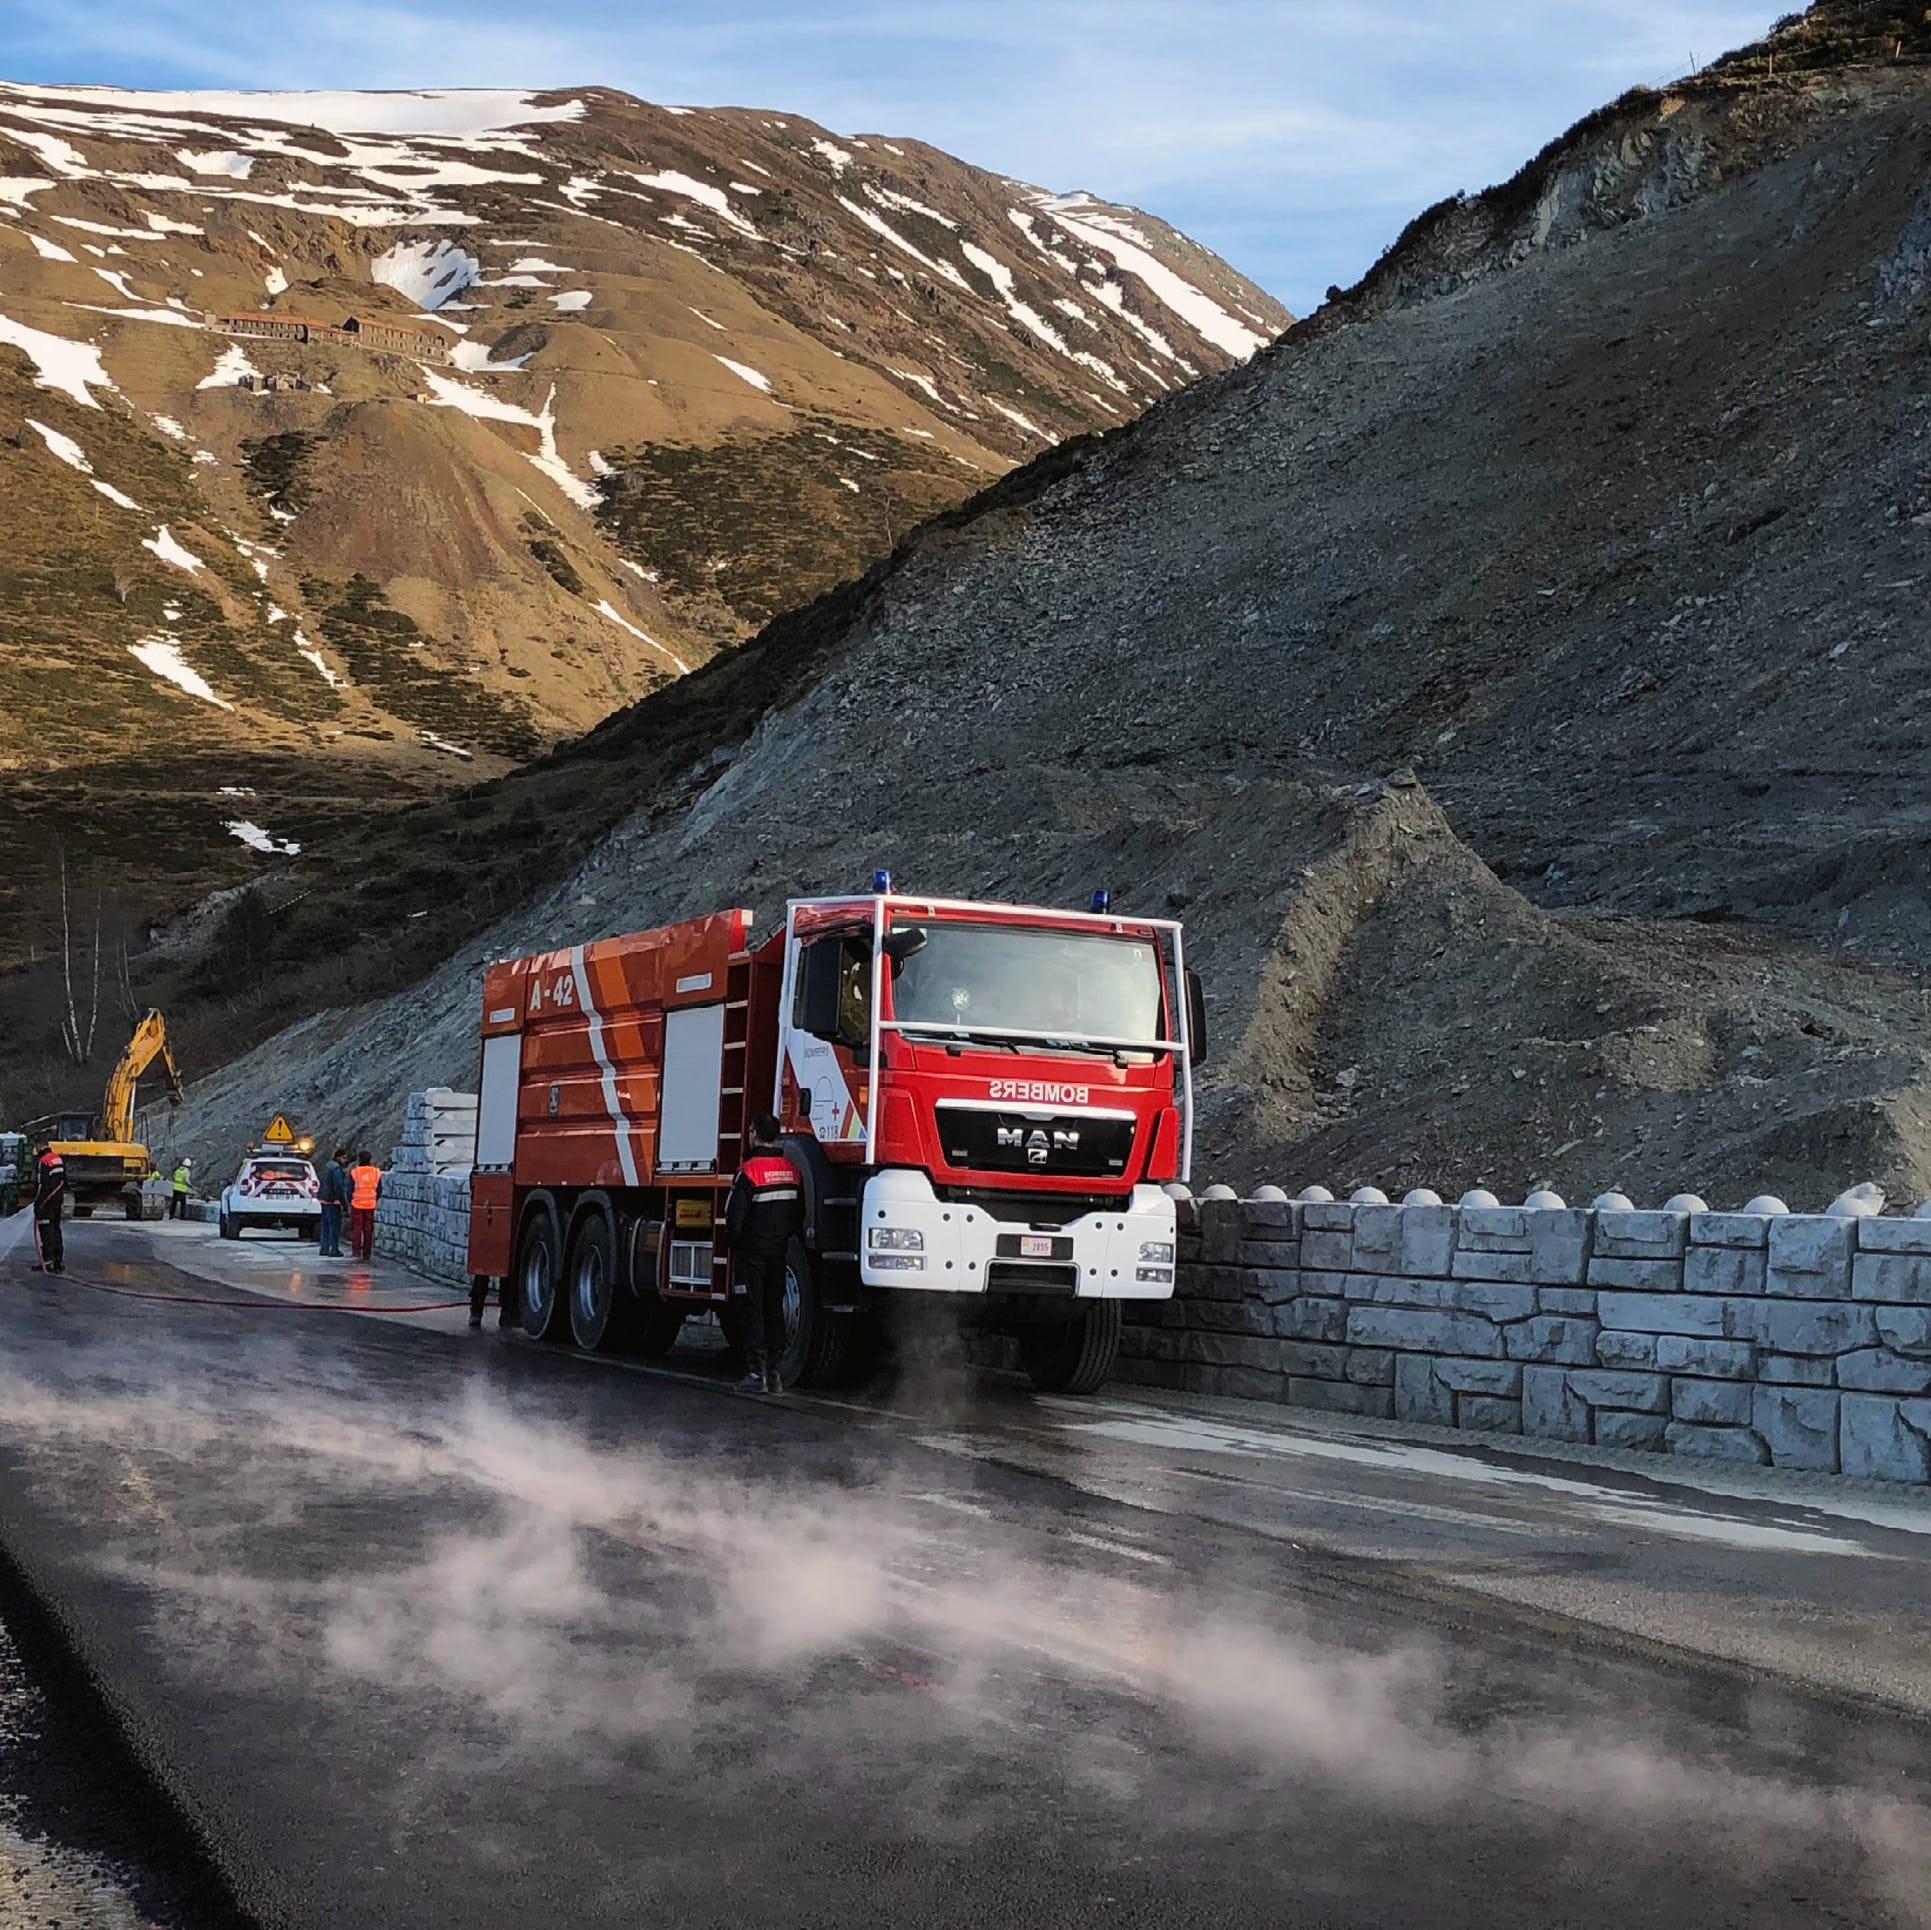 RN22-Landslide-Repair-France-Andorra_1.jpg